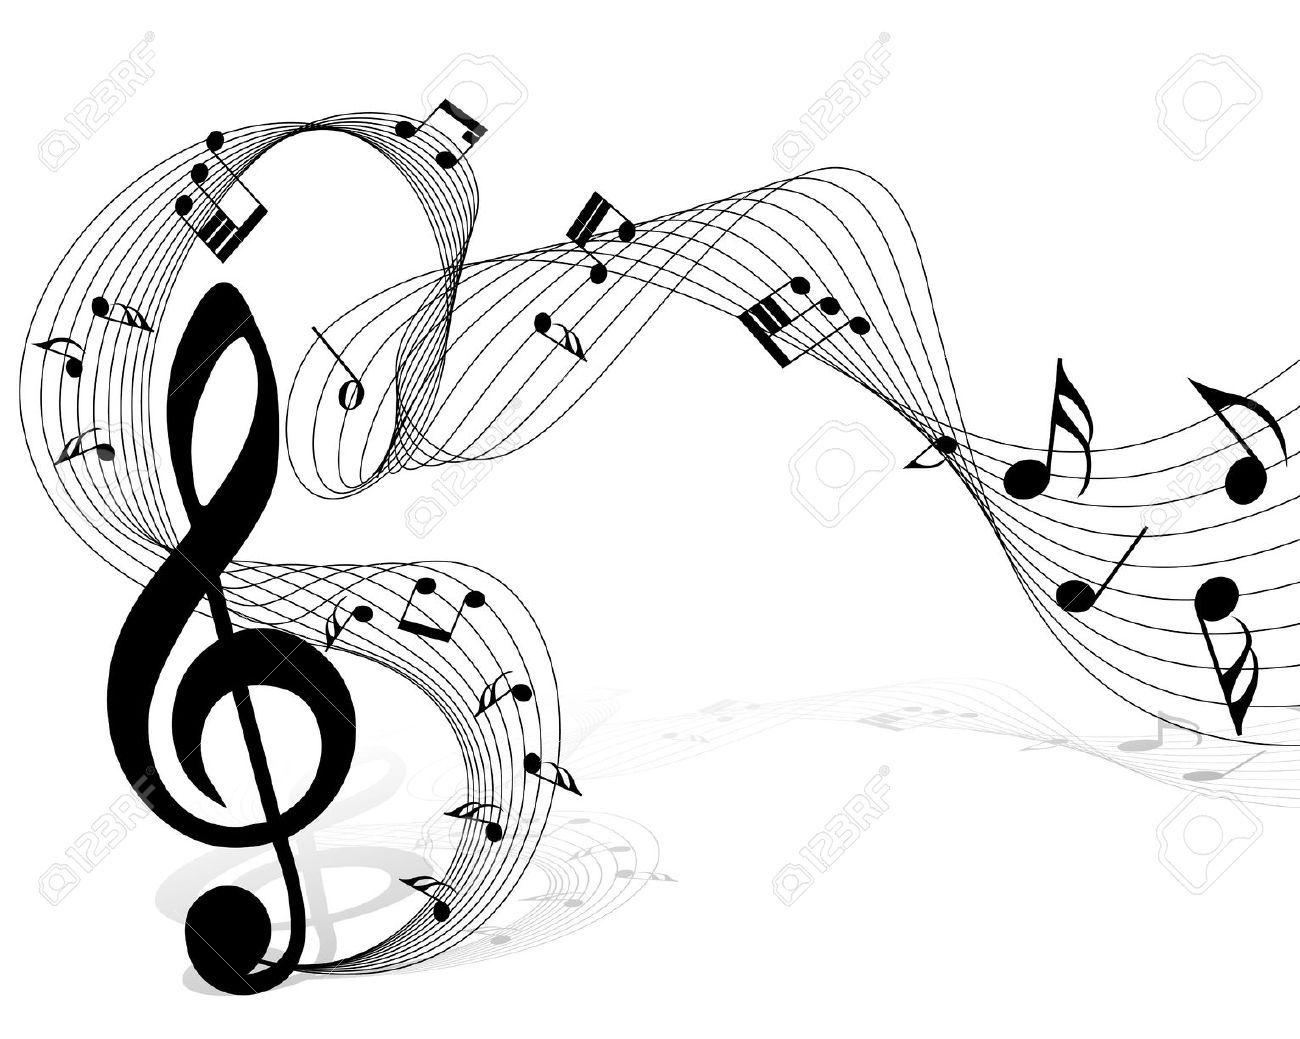 Clave De Sol Vectores Buscar Con Google Notas Musicais Vetor Simbolos Musicais Imagens Musicais